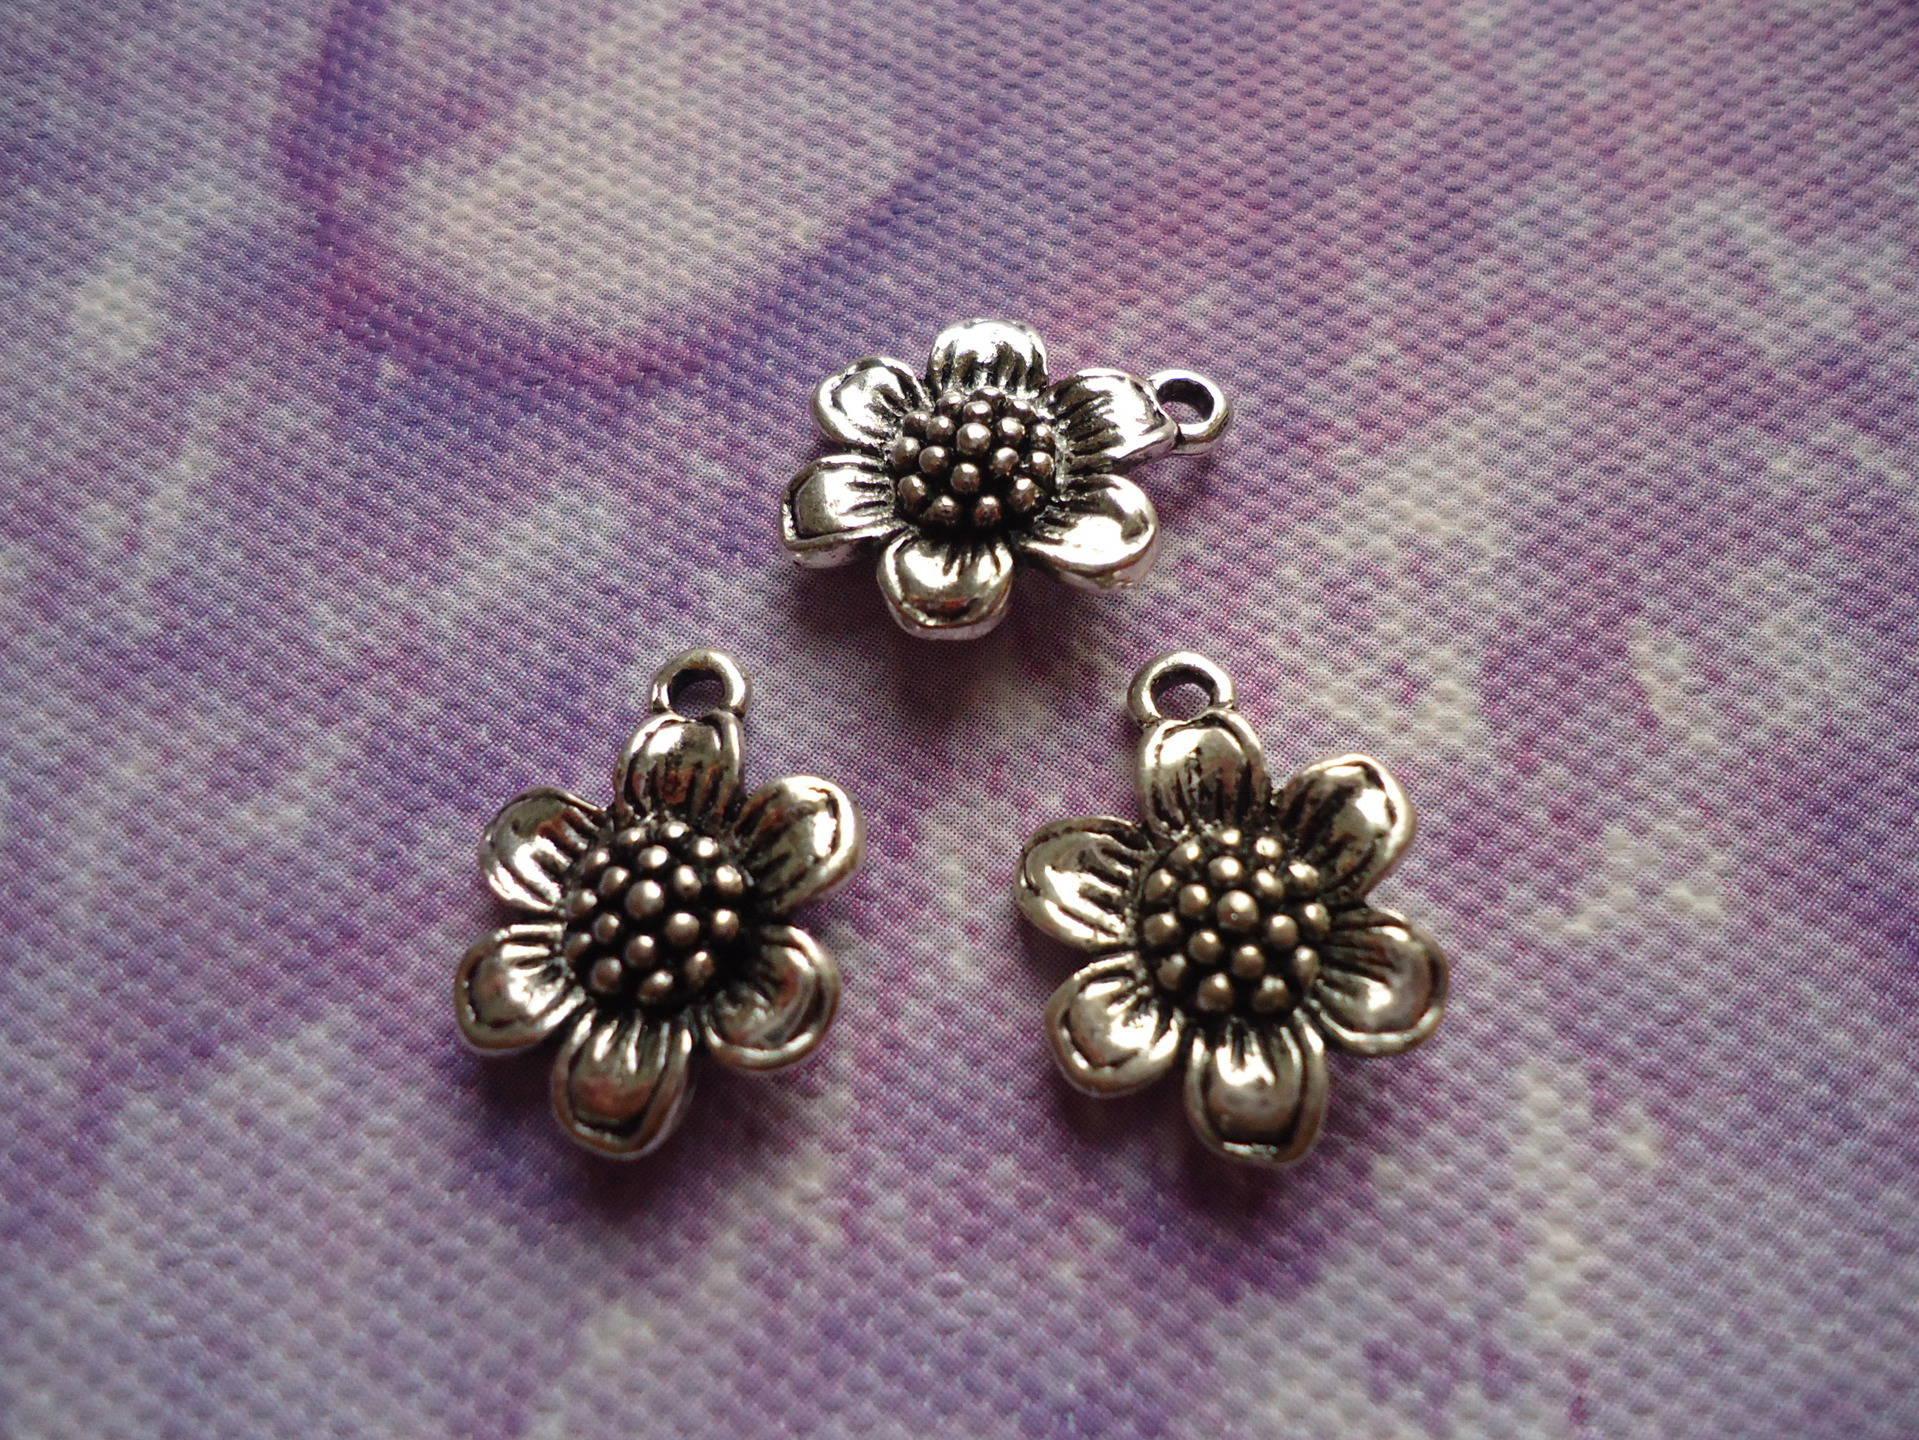 Breloques pendentifs en forme de fleur (tournesol) en lot de 10